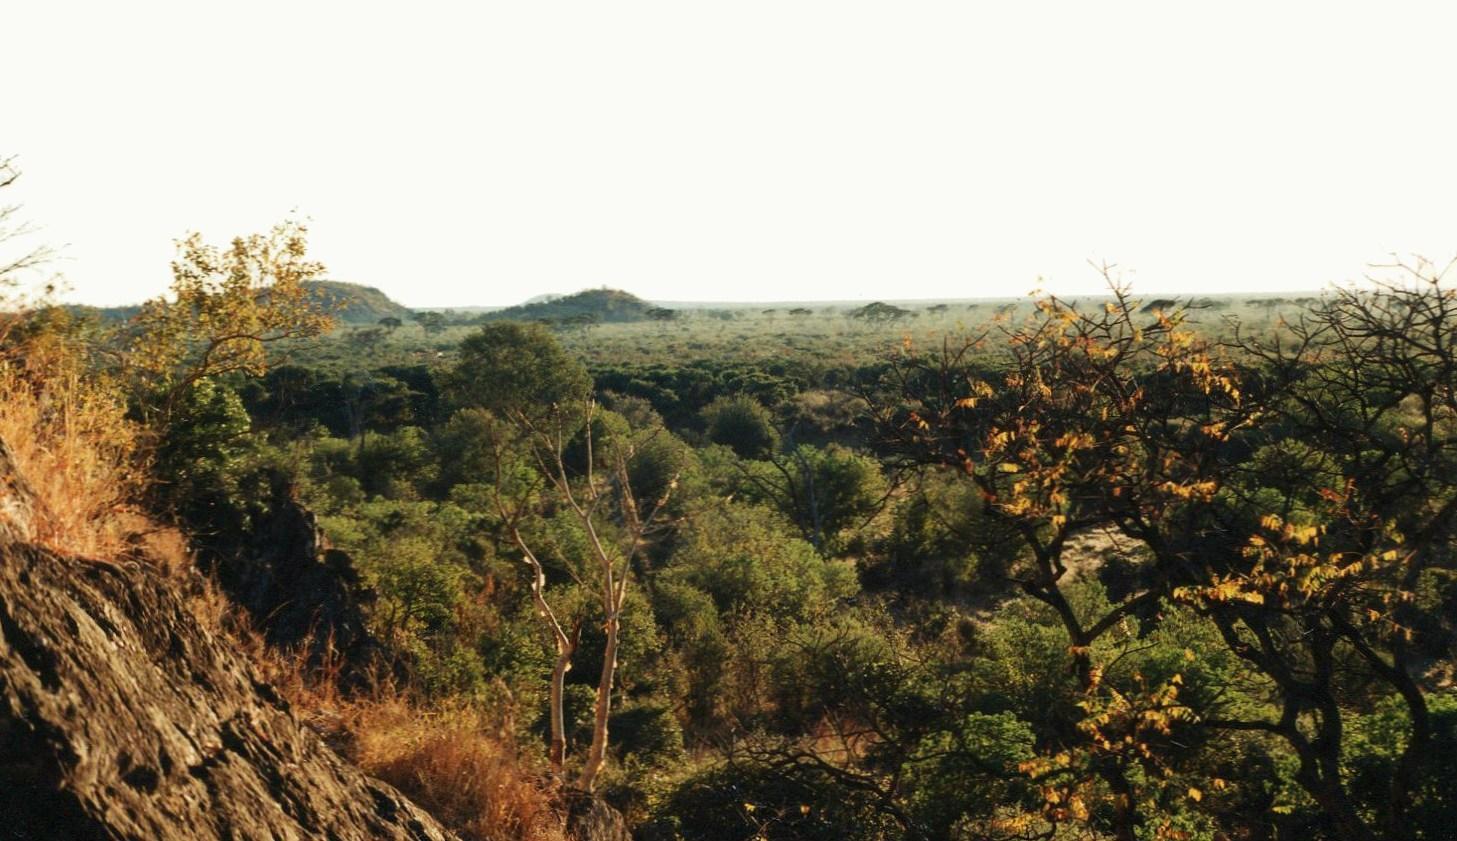 Mopanové lesy (N.P. Chobe), Botswana